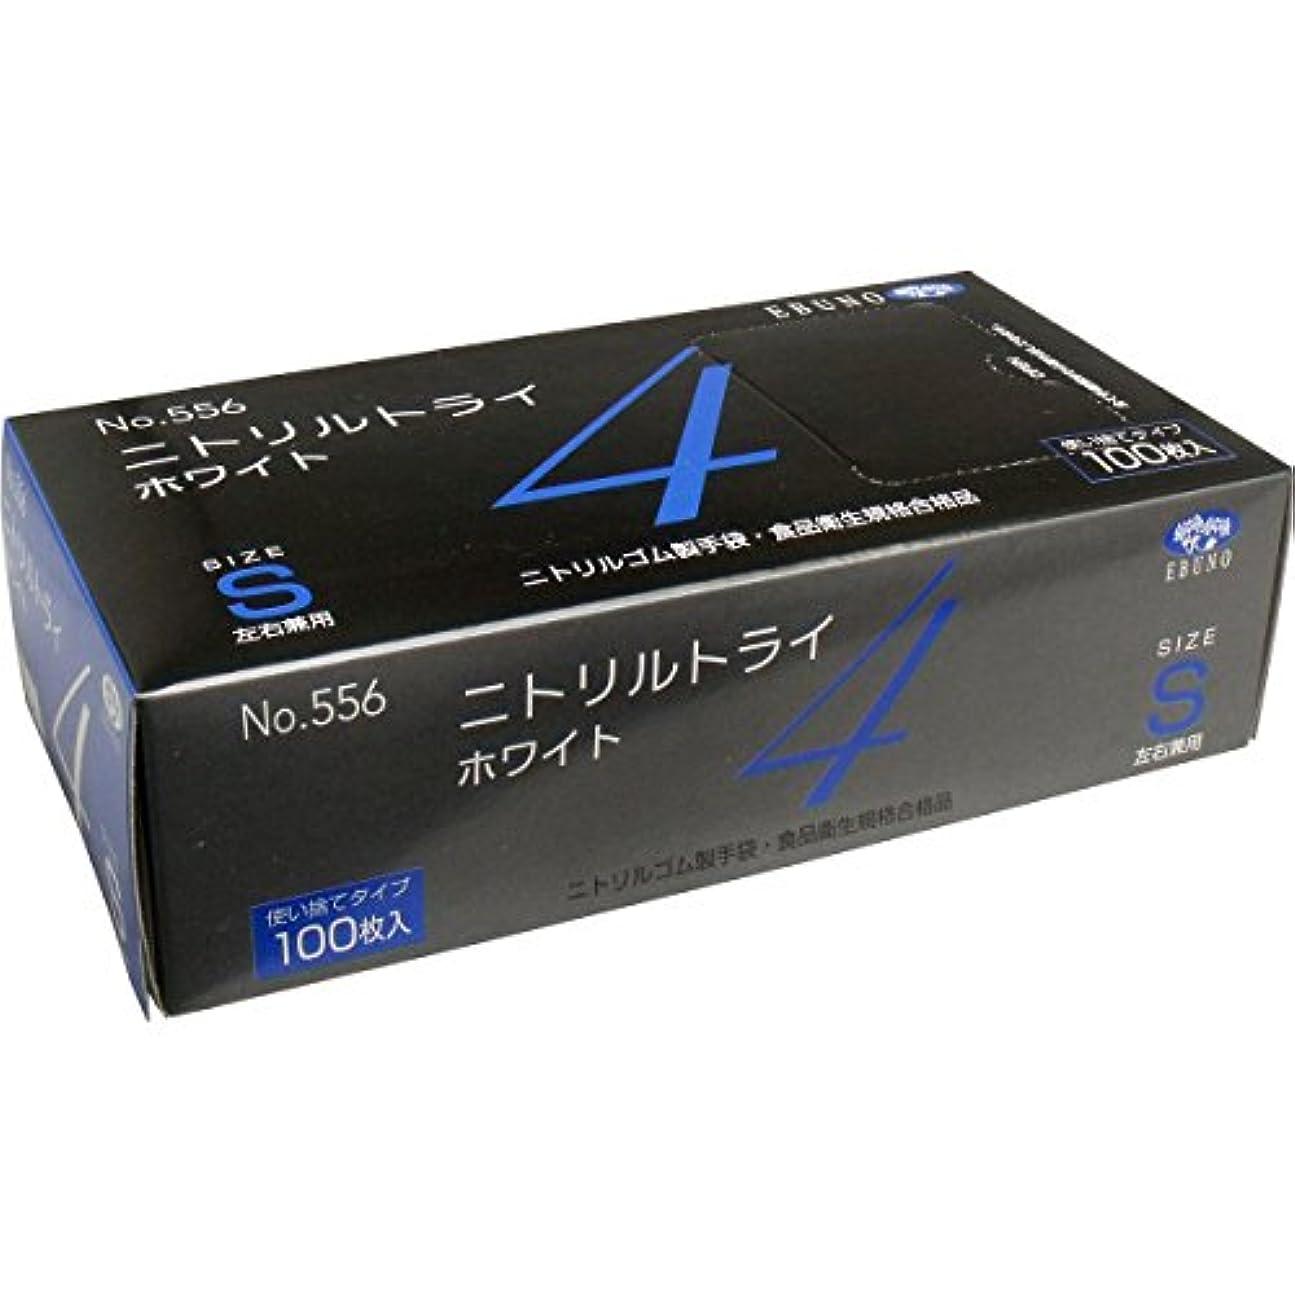 動かすヨーロッパ野生ニトリルトライ4 №556 ホワイト 粉付 Sサイズ 100枚入